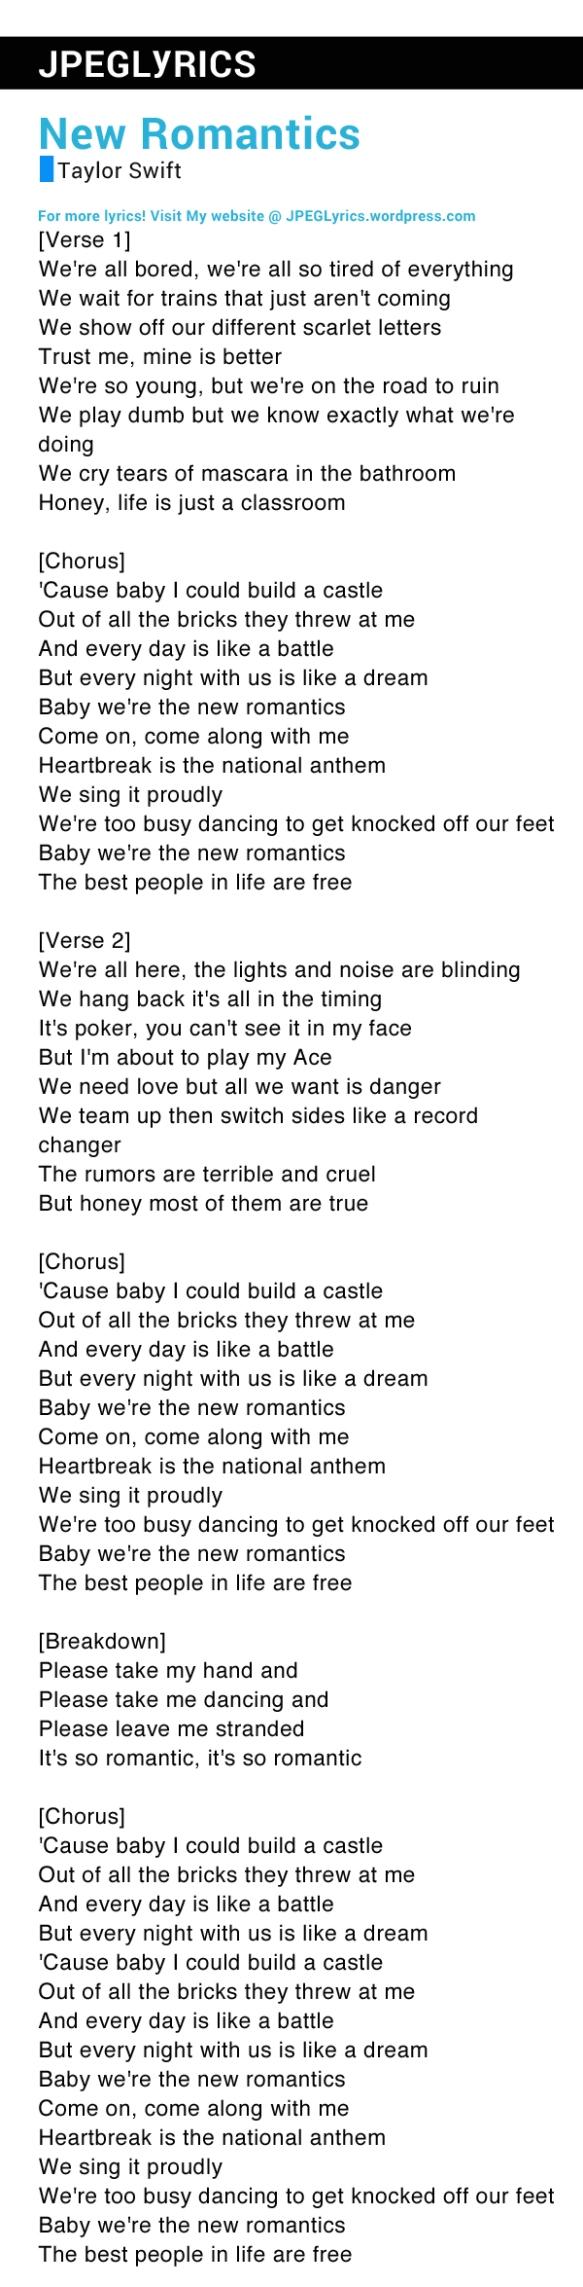 New Romantics By Taylor Swift Lyrics Jpeg Lyrics